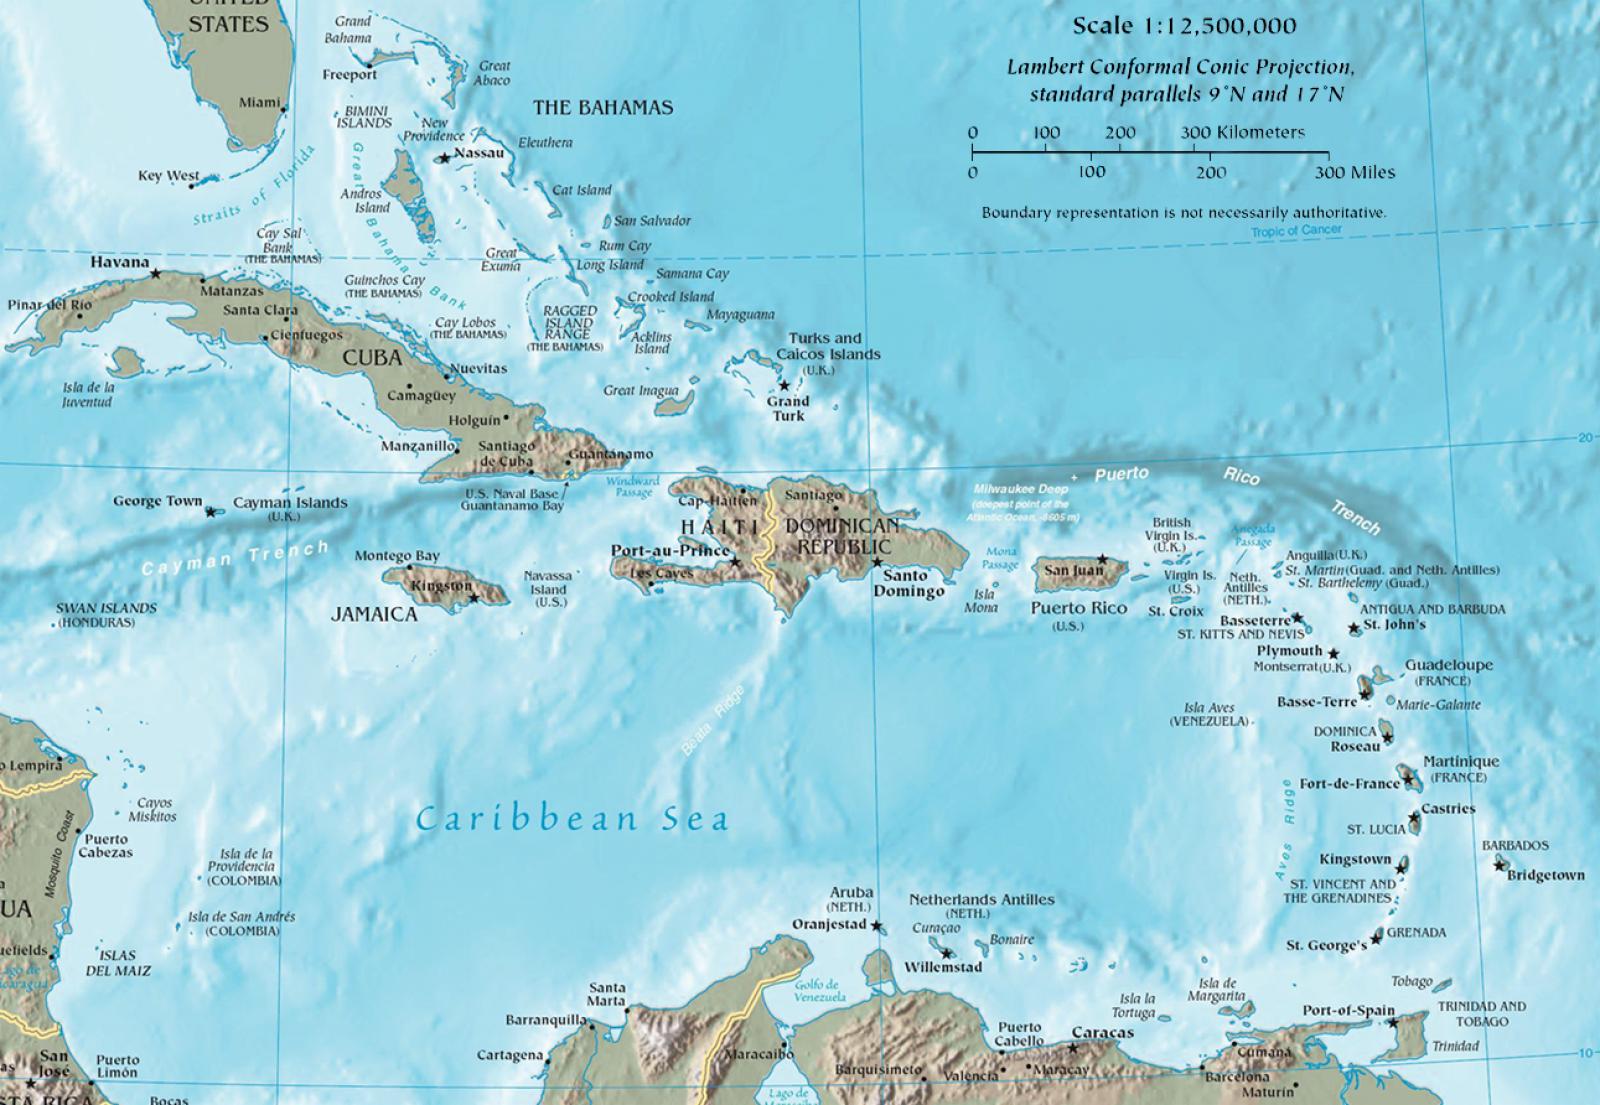 Mapa de la regió del Carib